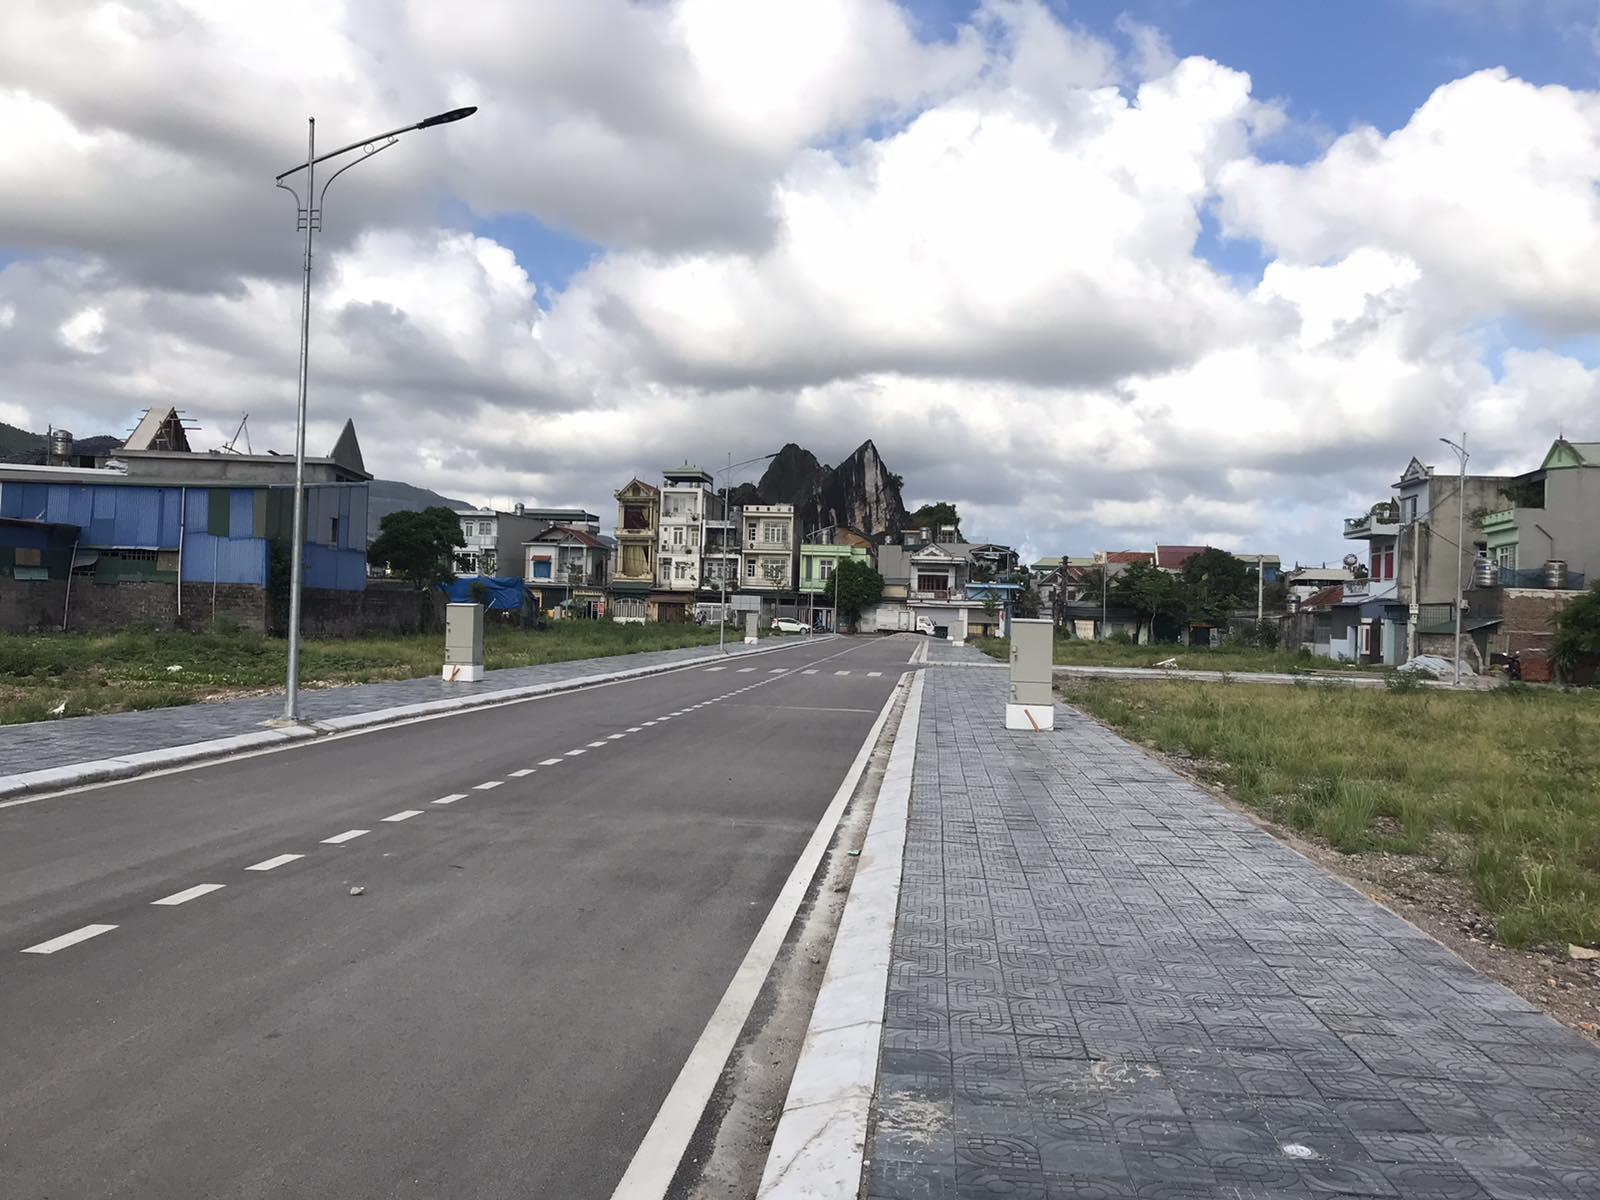 tiến độ xây dựng khu dân cư cẩm thạch residence